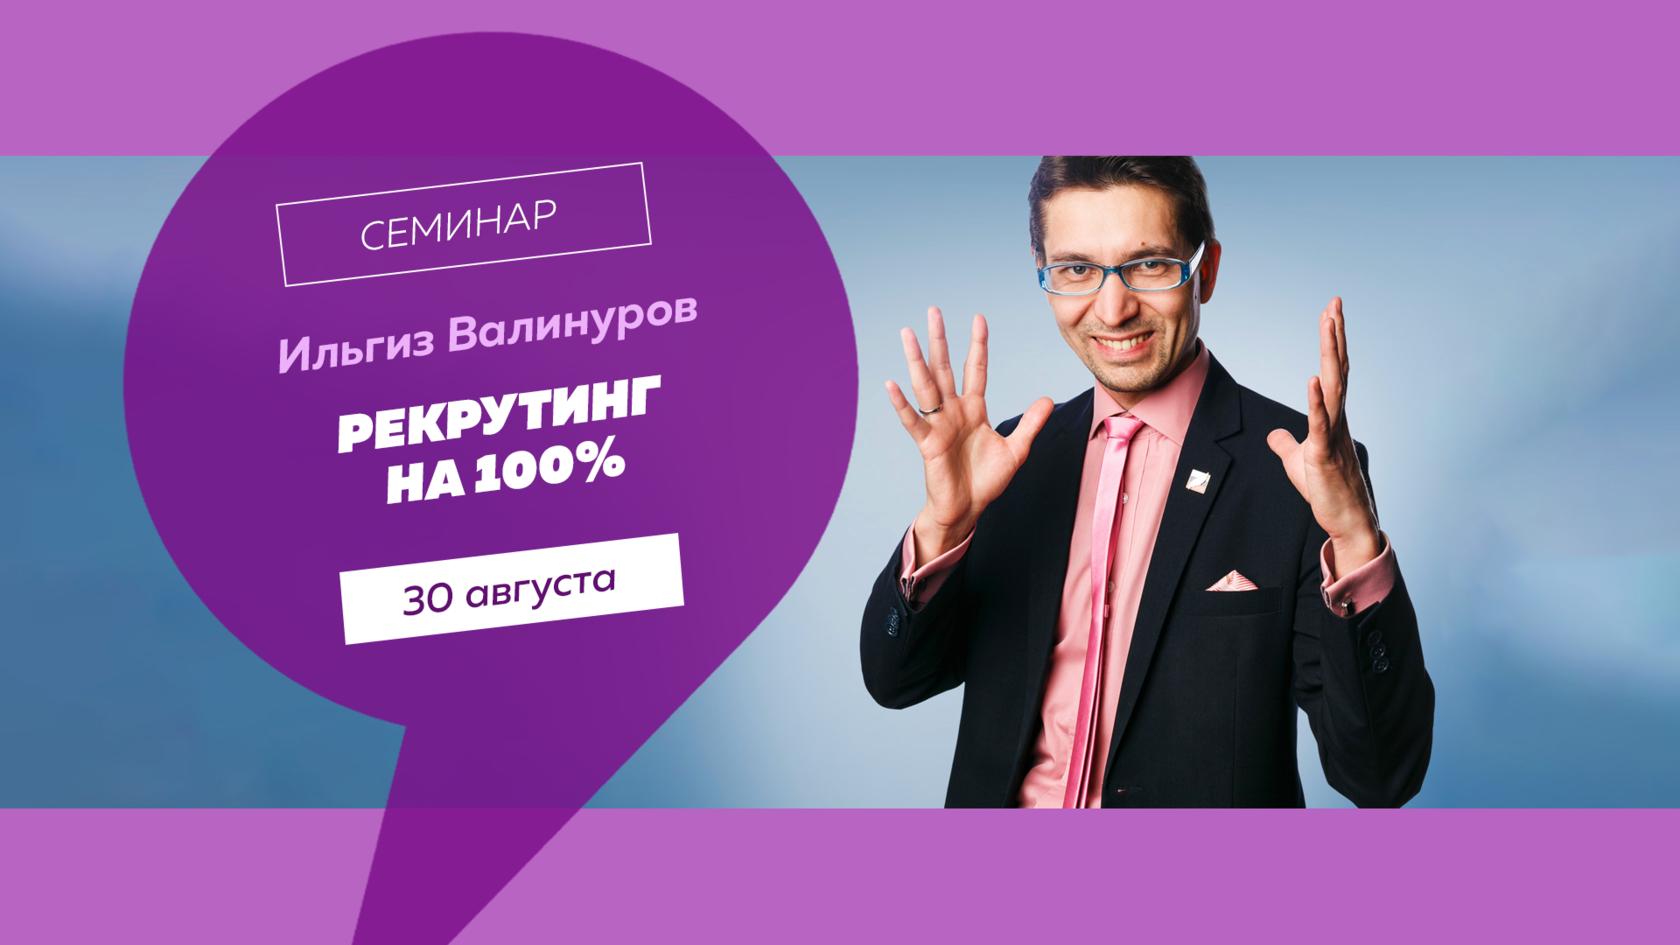 ИЛЬГИЗ ВАЛИНУРОВ 100 РЕКРУТИНГ СКАЧАТЬ БЕСПЛАТНО